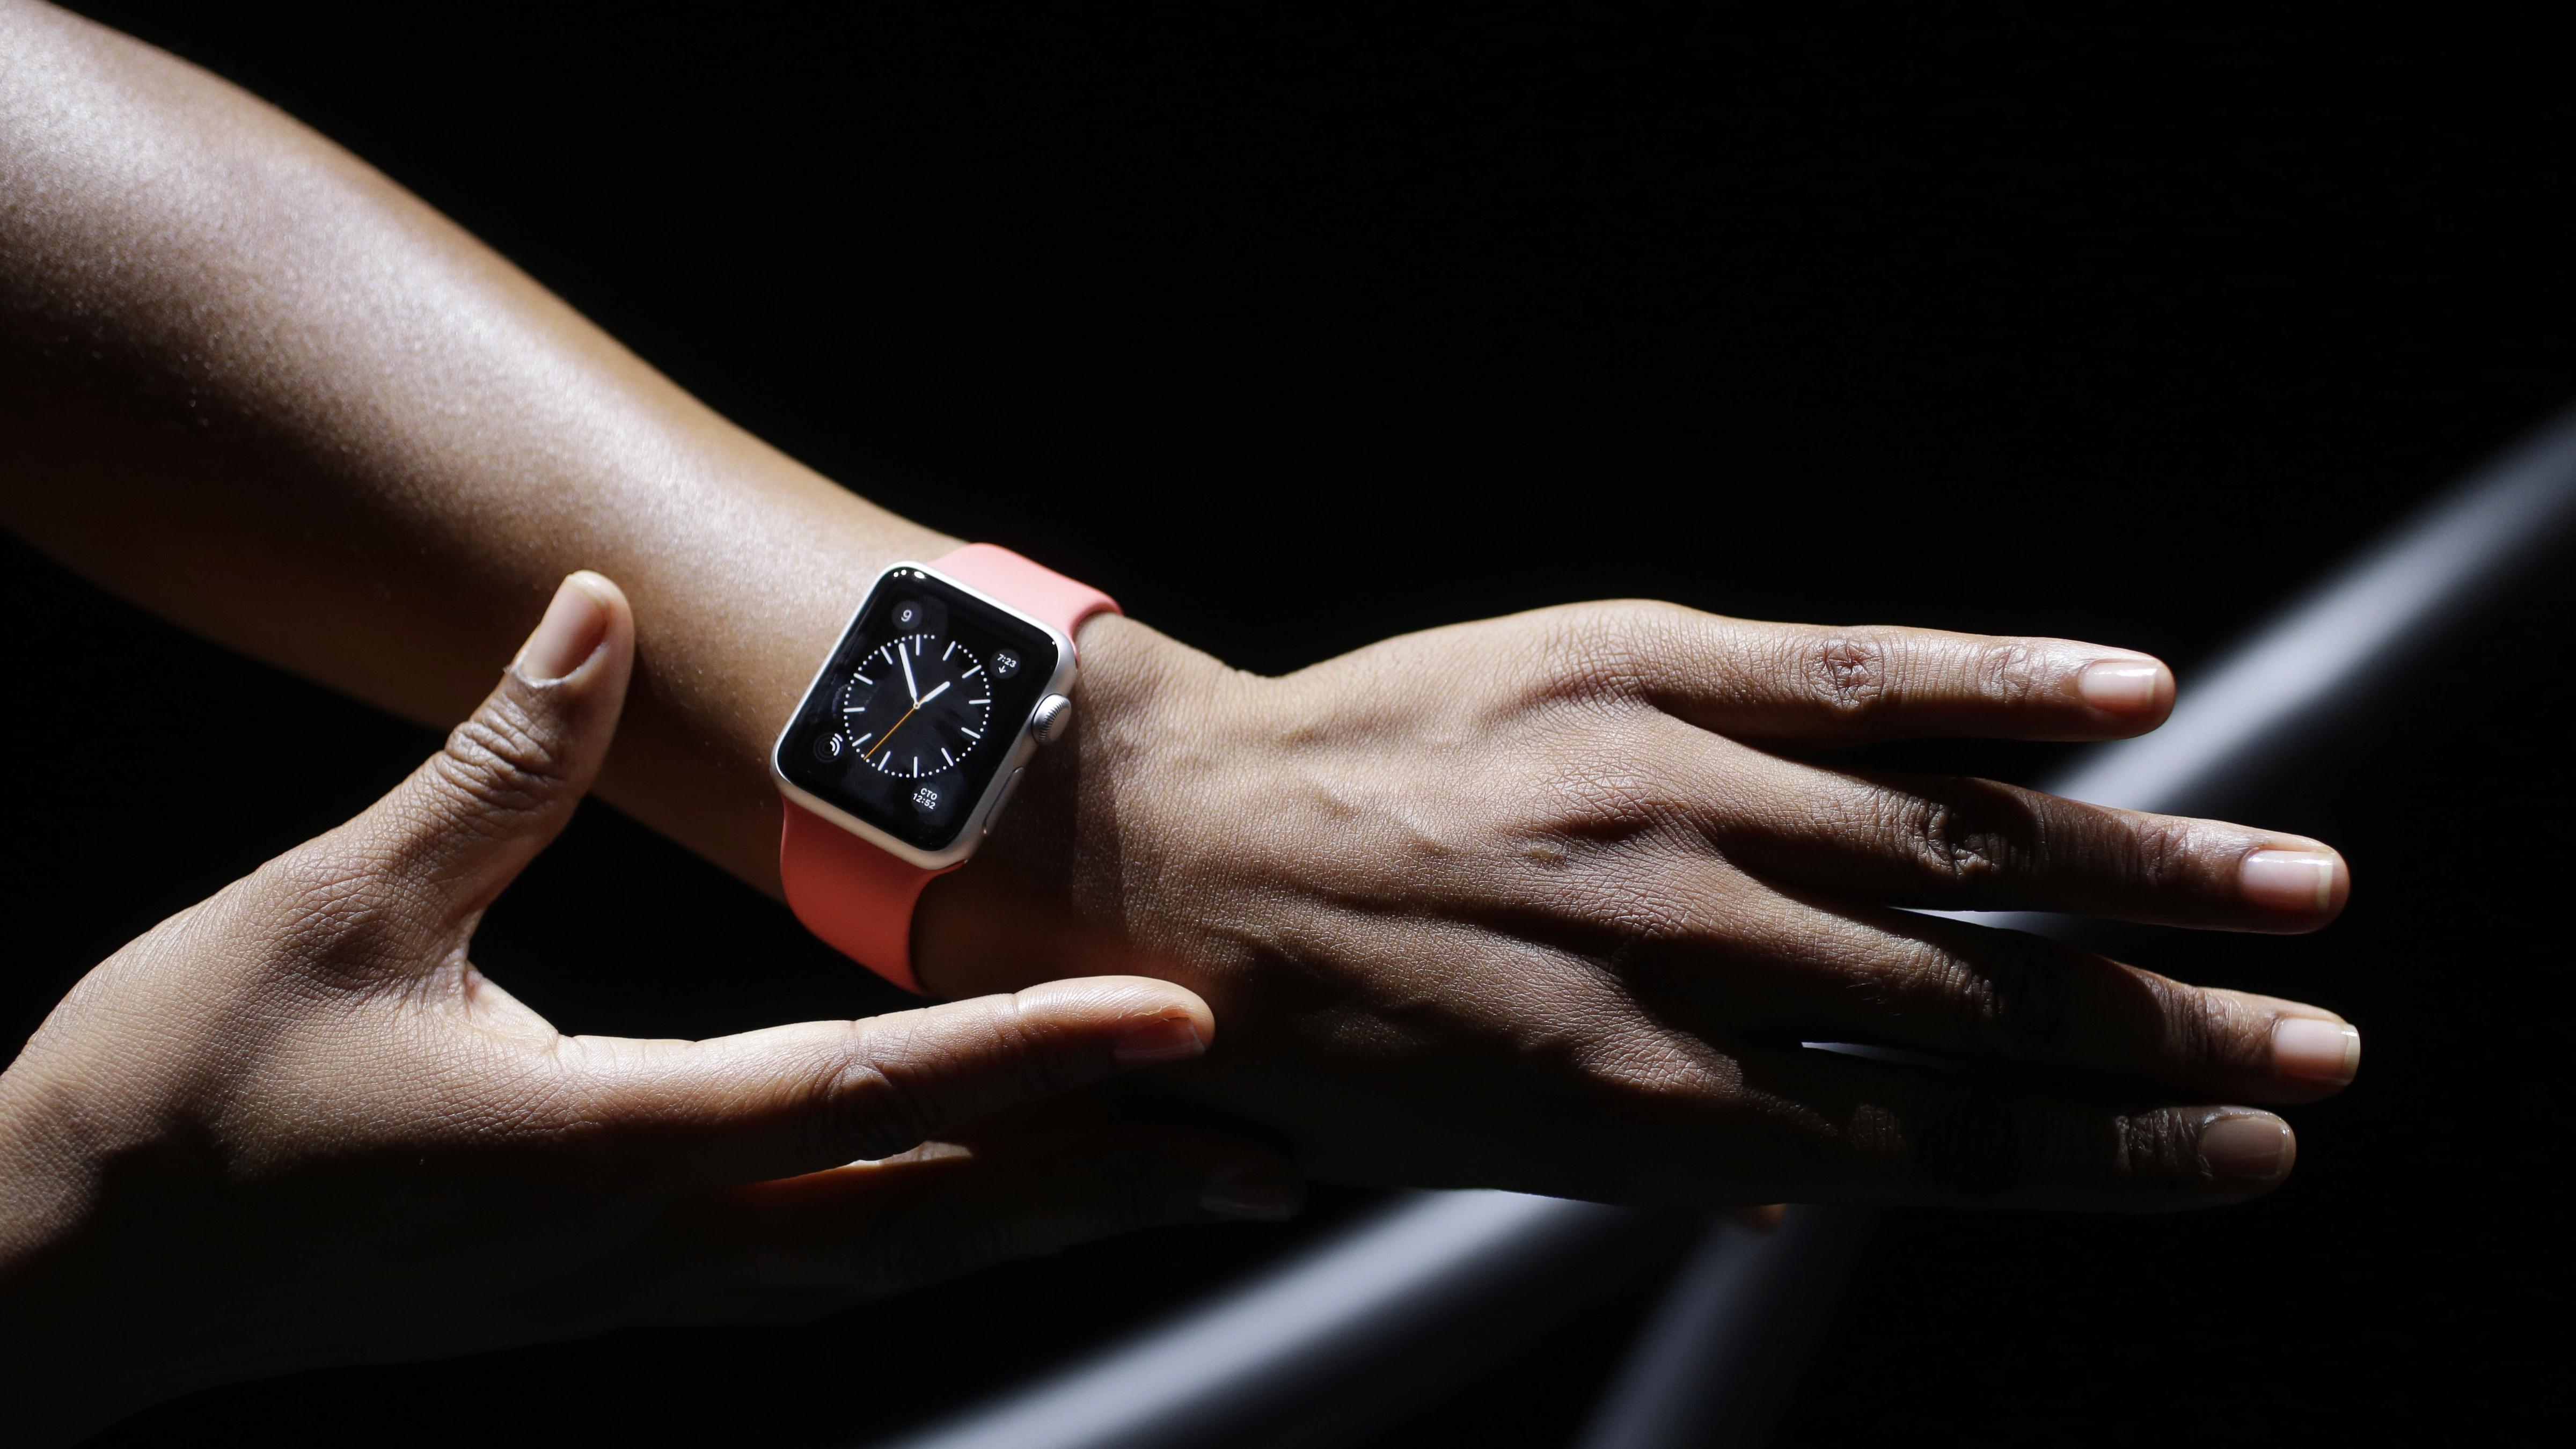 Apple Watch model